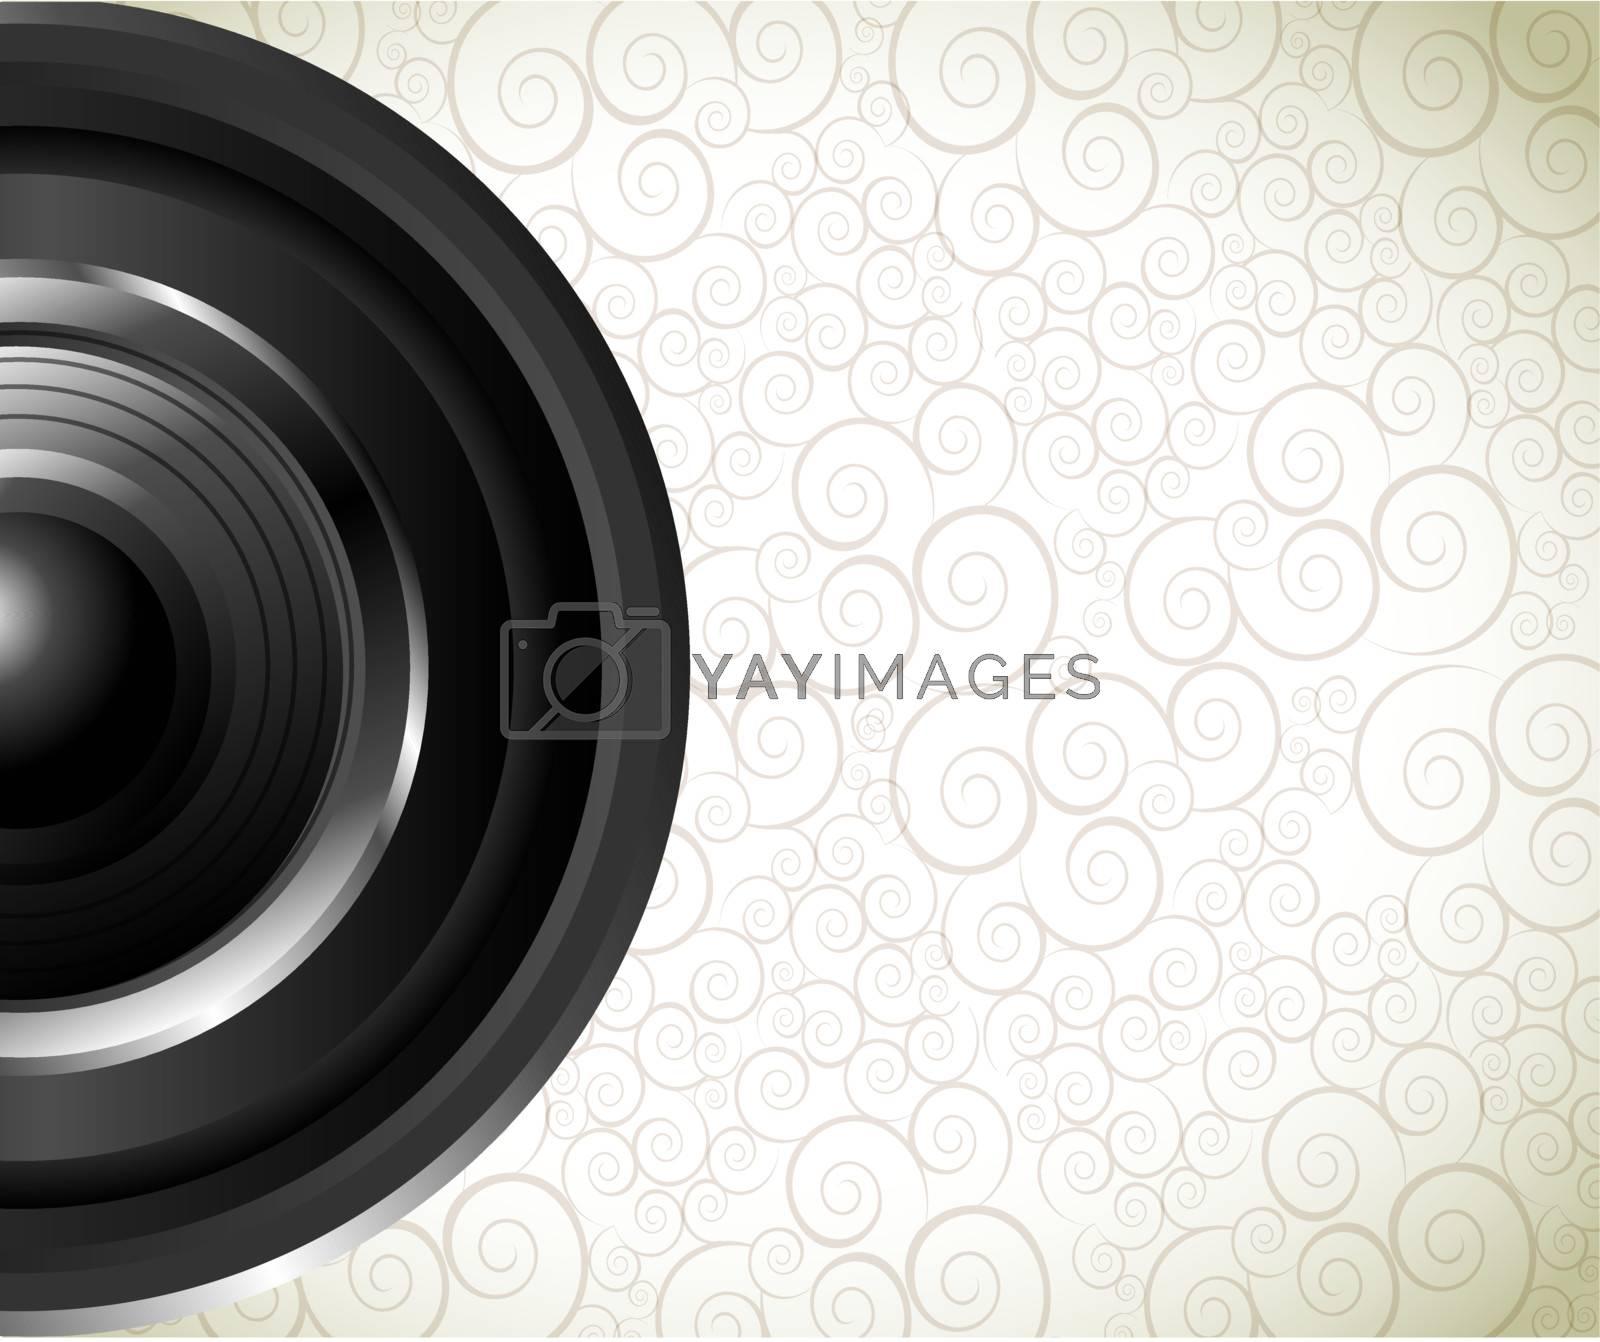 Lens of camera over vintage background vector illustration